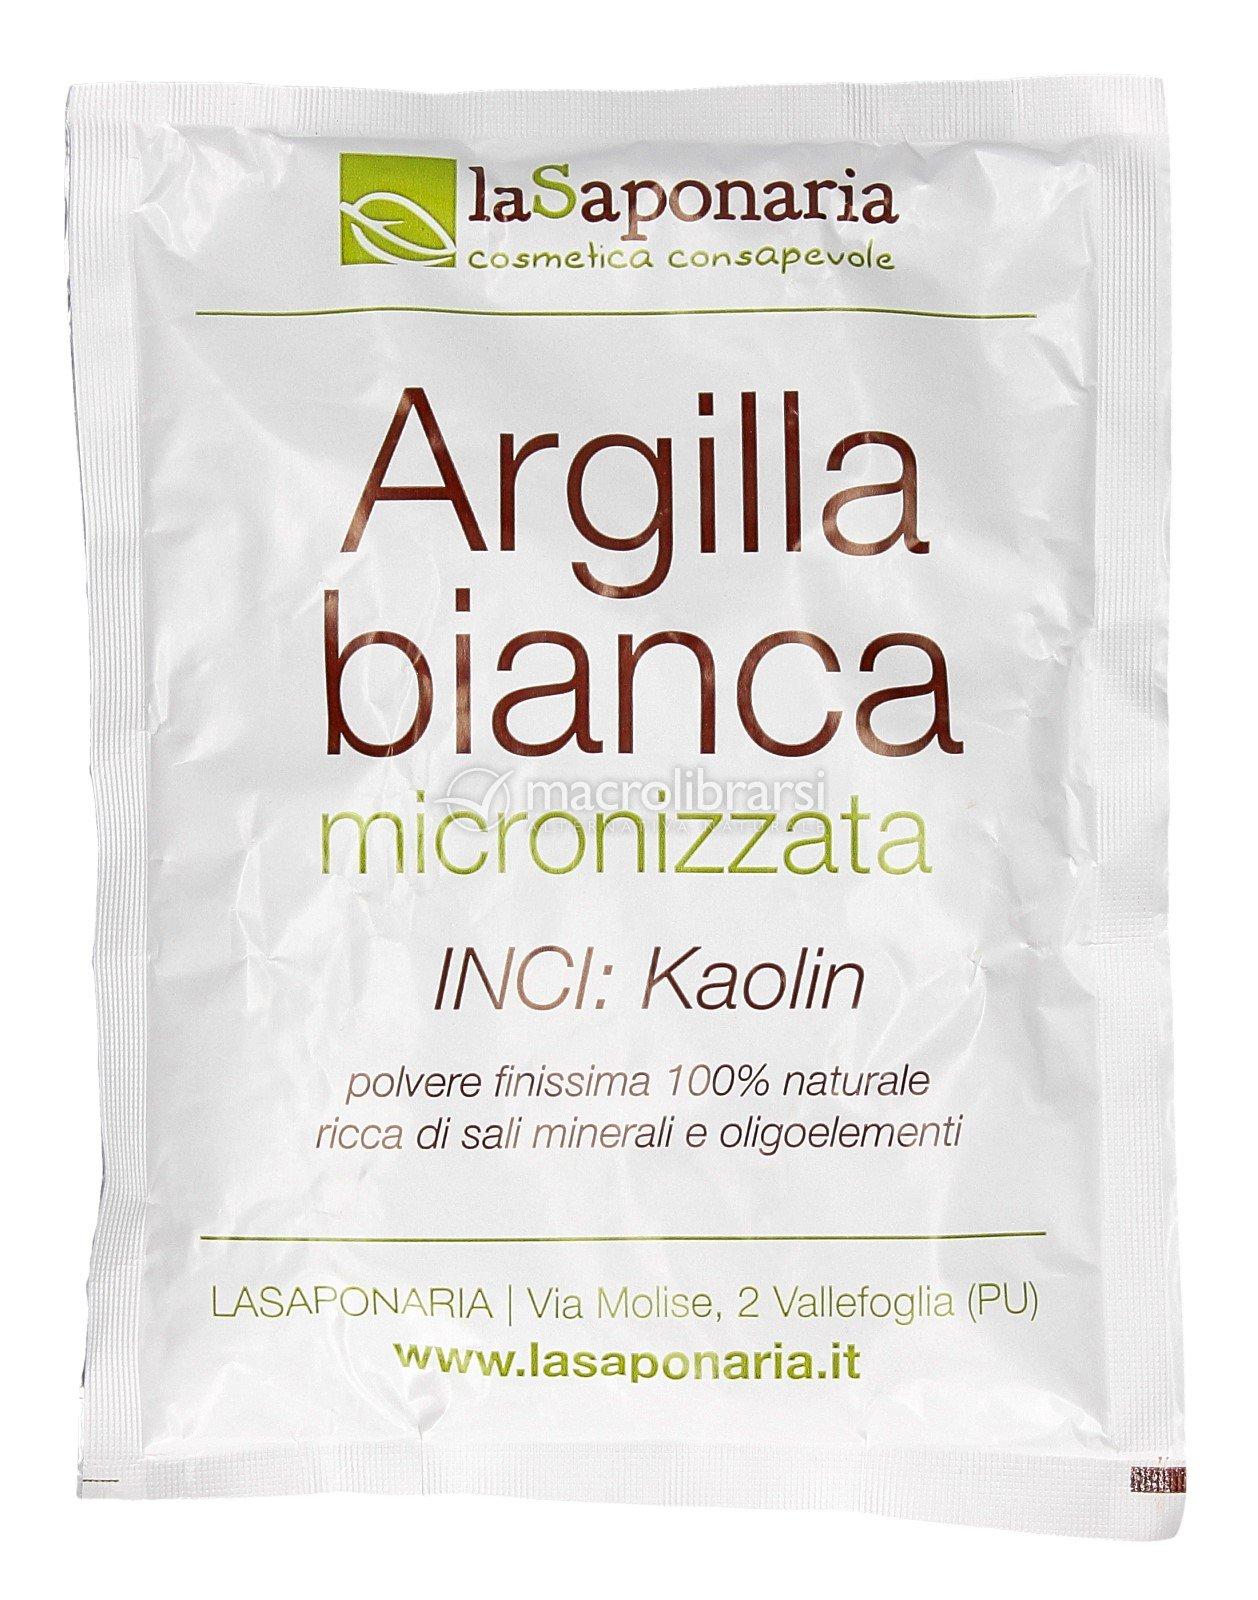 Argilla Bianca Micronizzata Di La Saponaria Macrolibrarsi It